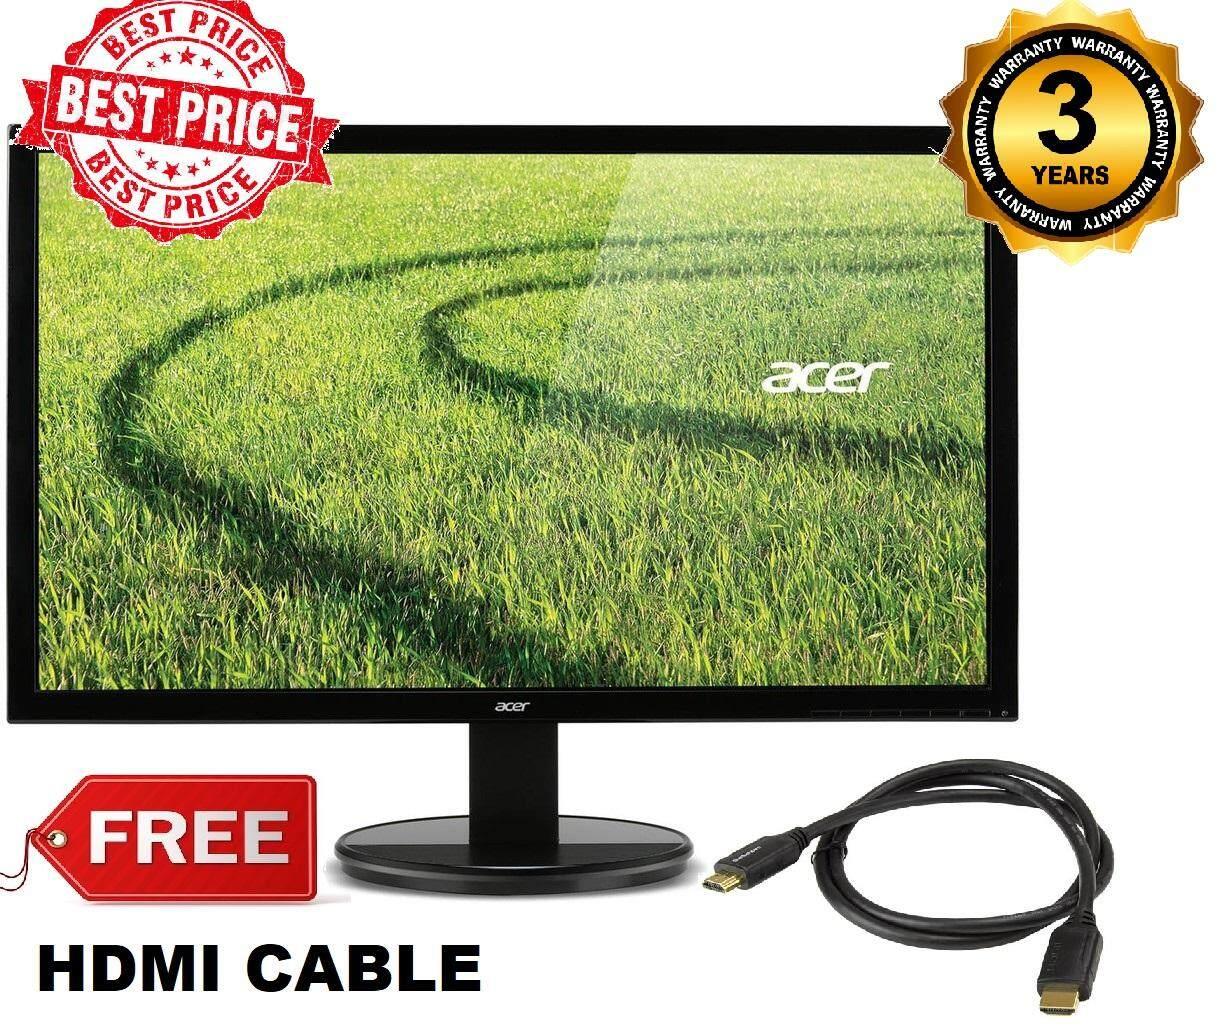 (Cheapest) Acer LED Monitor 19.5 K202HQL Abix HDMI/VGA OUTPUT FREE HDMI CABLE Malaysia